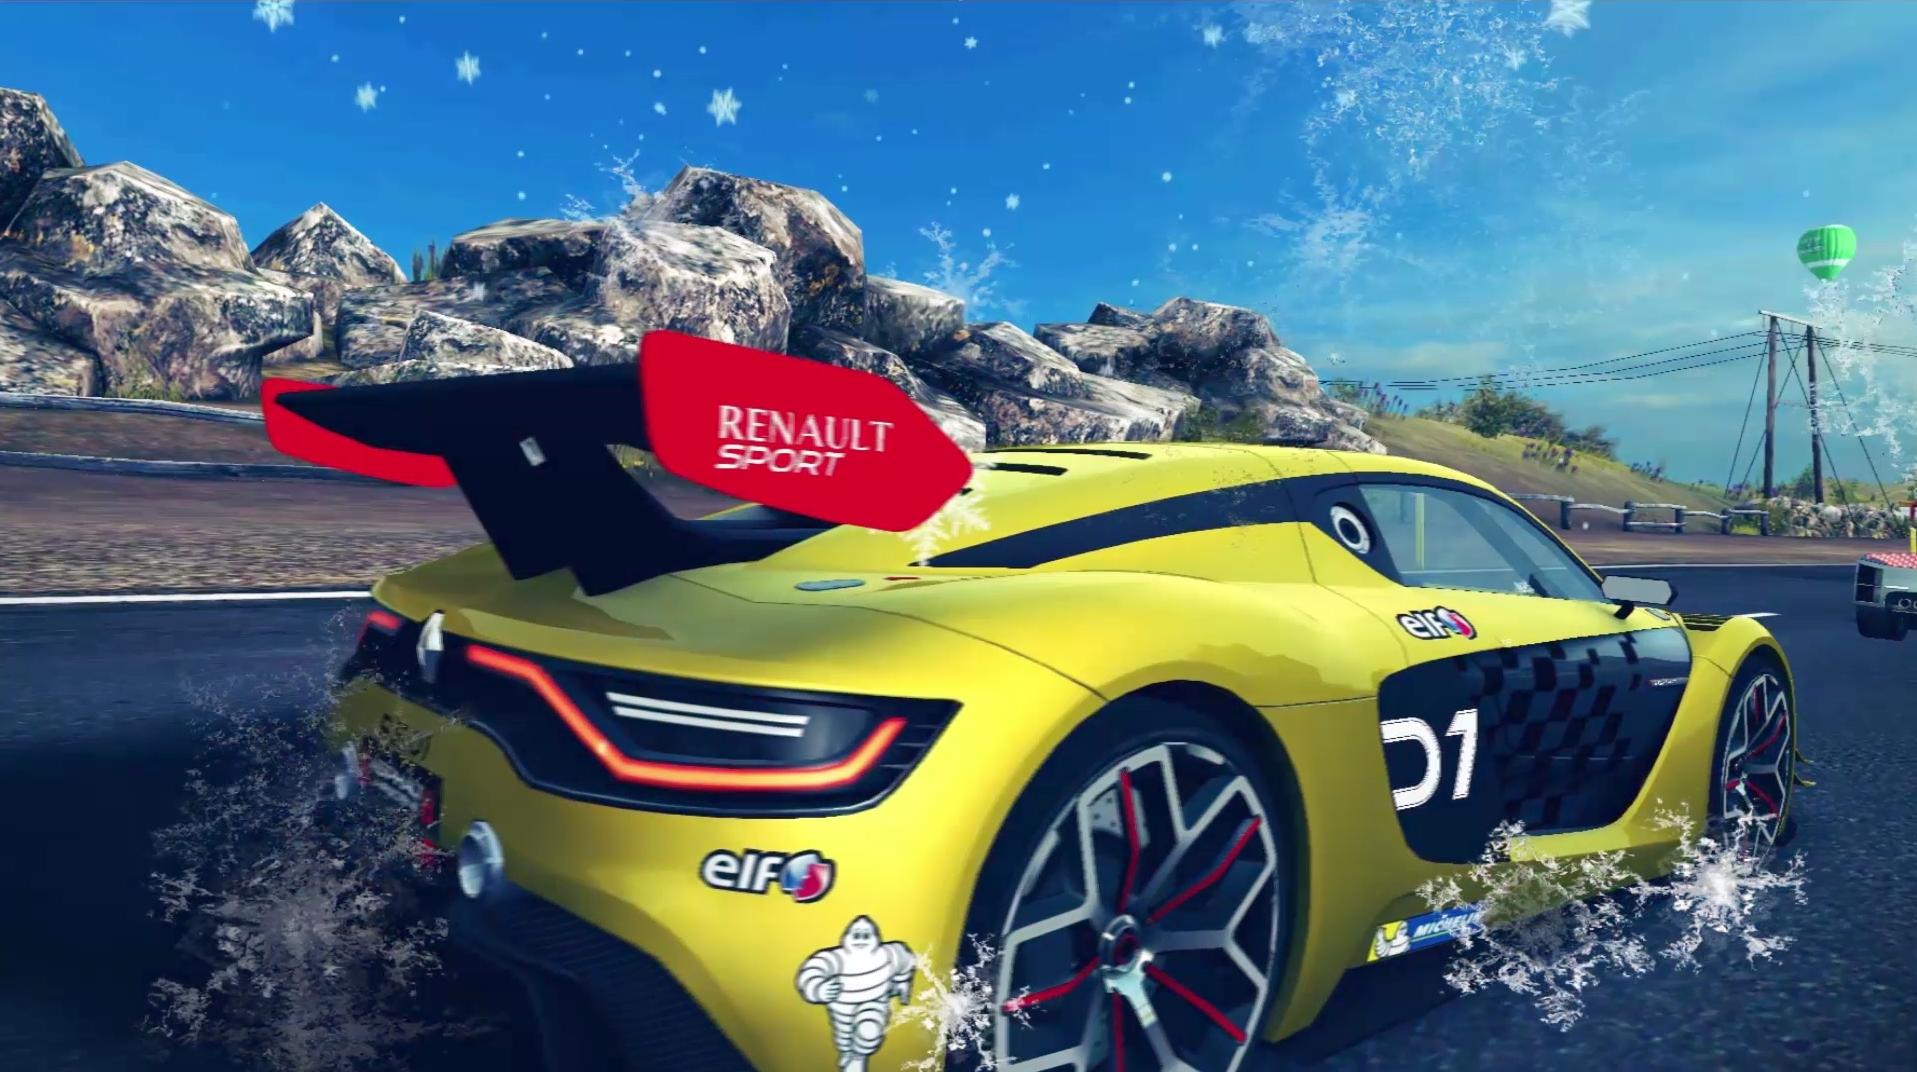 アスファルト8 Airborne Lamborghini Egoistaなど15台の新マシンを追加